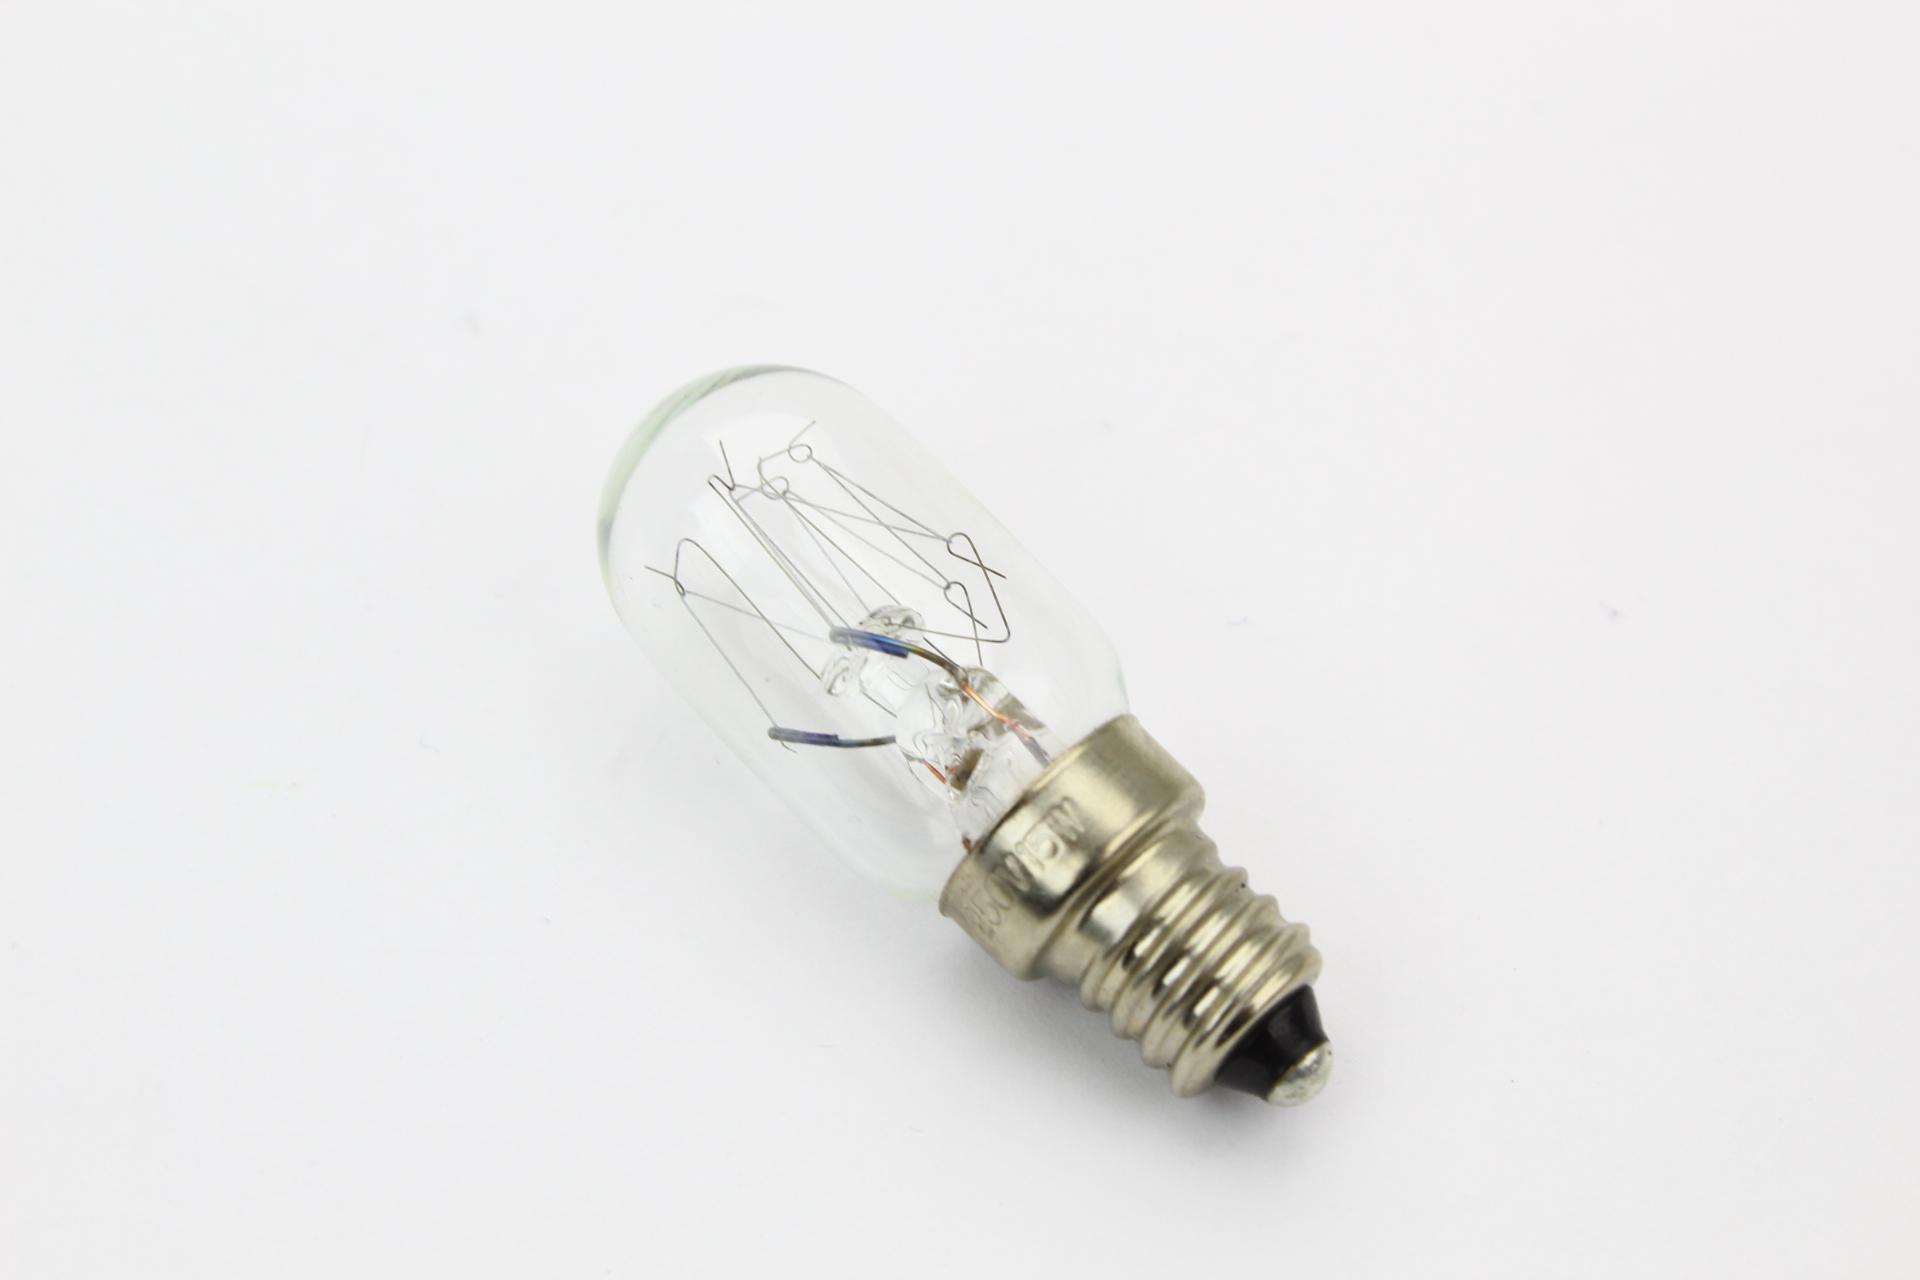 Livraison gratuite lampe e10 230v 15w 15x43 e4278 lampes - Ampoule led e10 230v ...